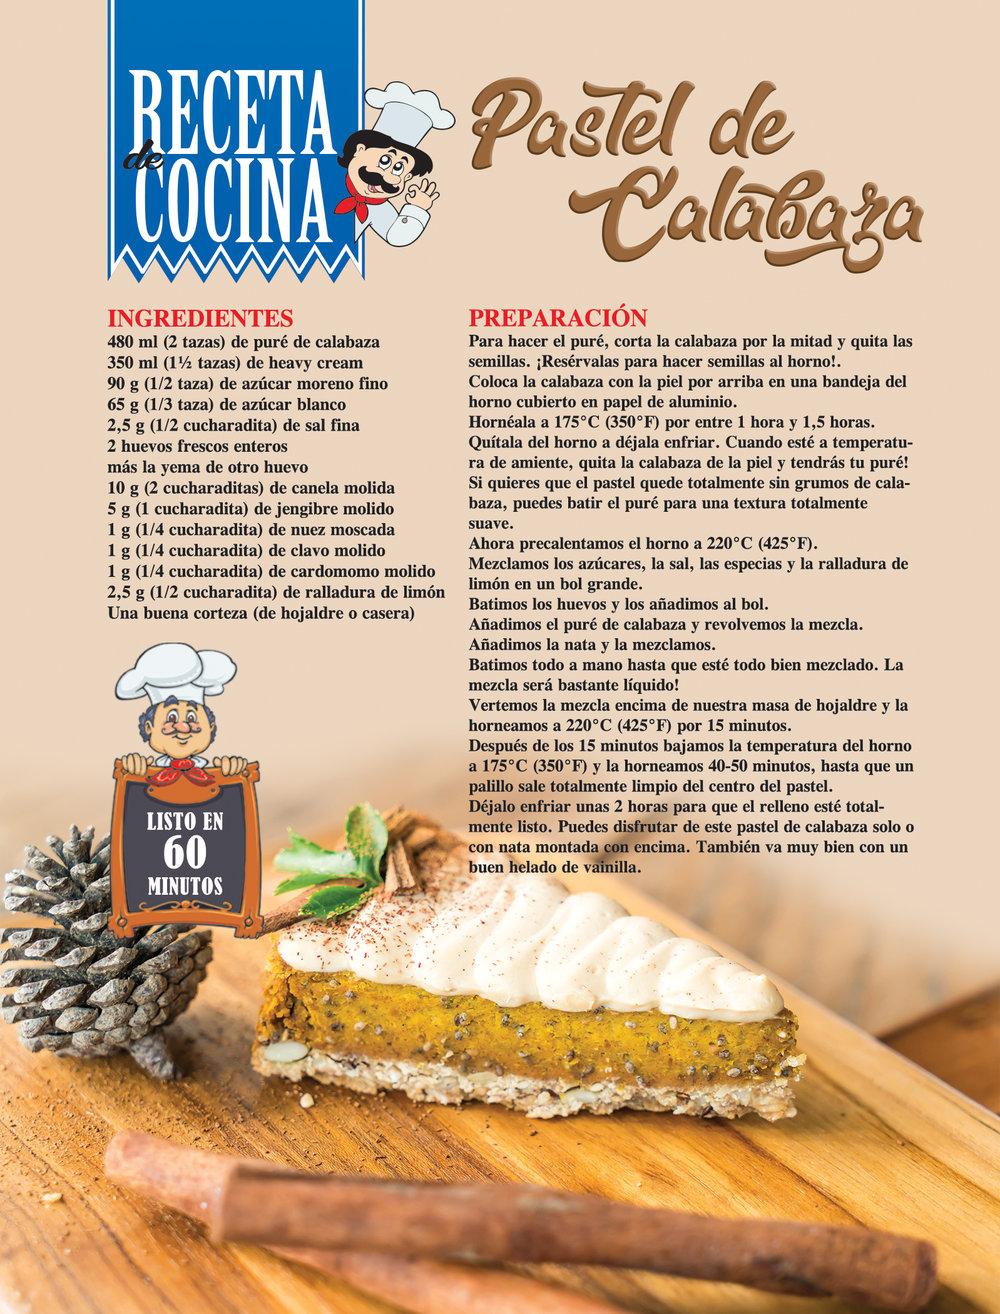 receta cocina - NOVIEMBRE 2018.jpg